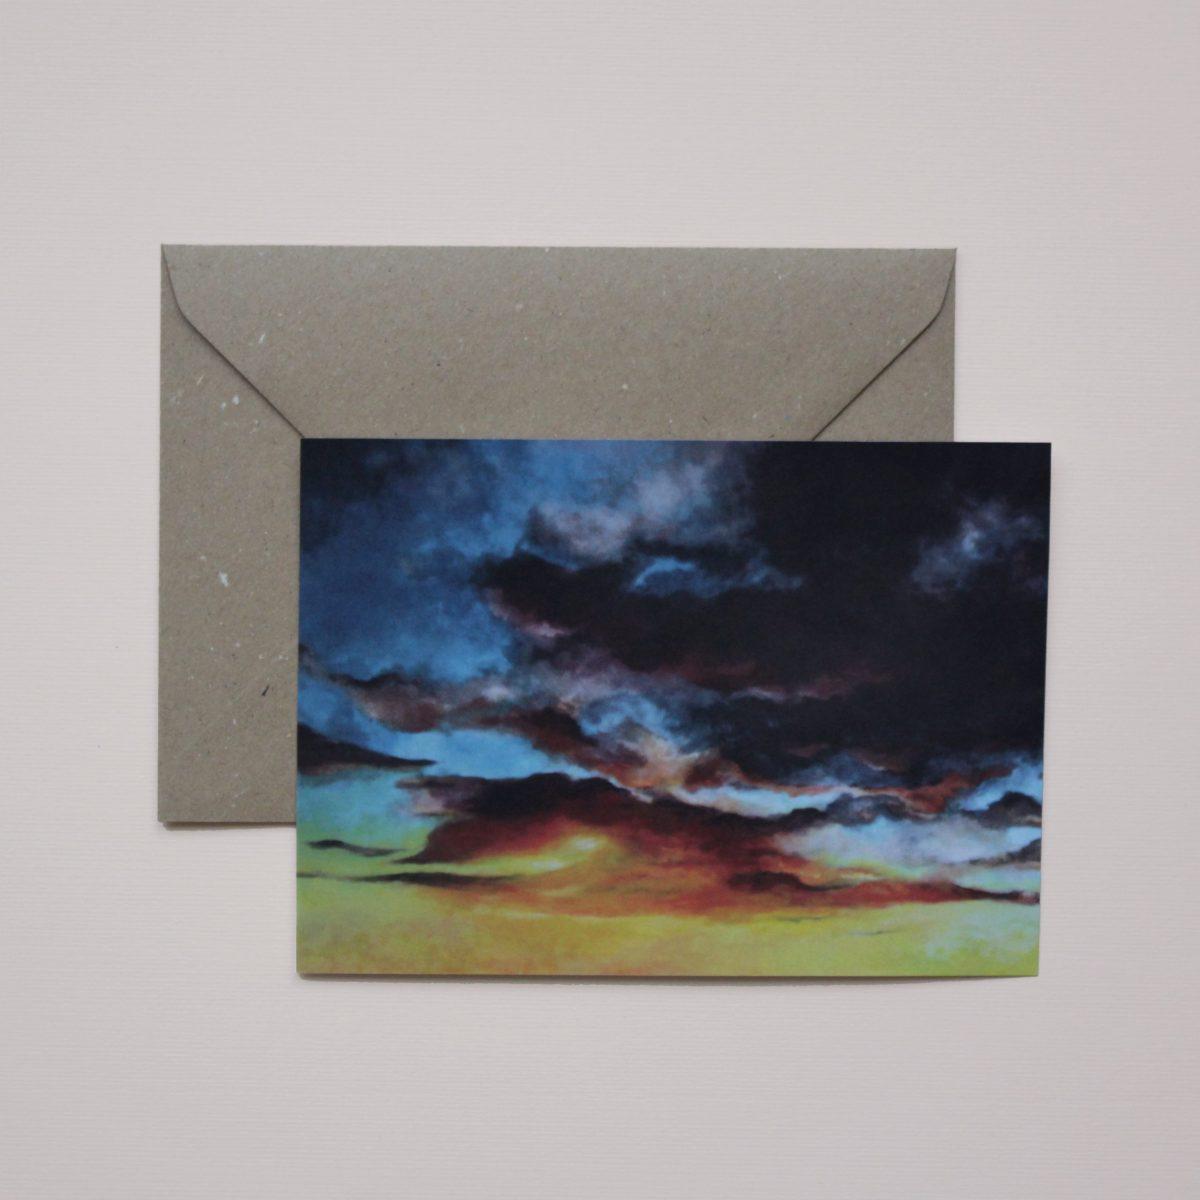 Kunstkaart - Moody sky